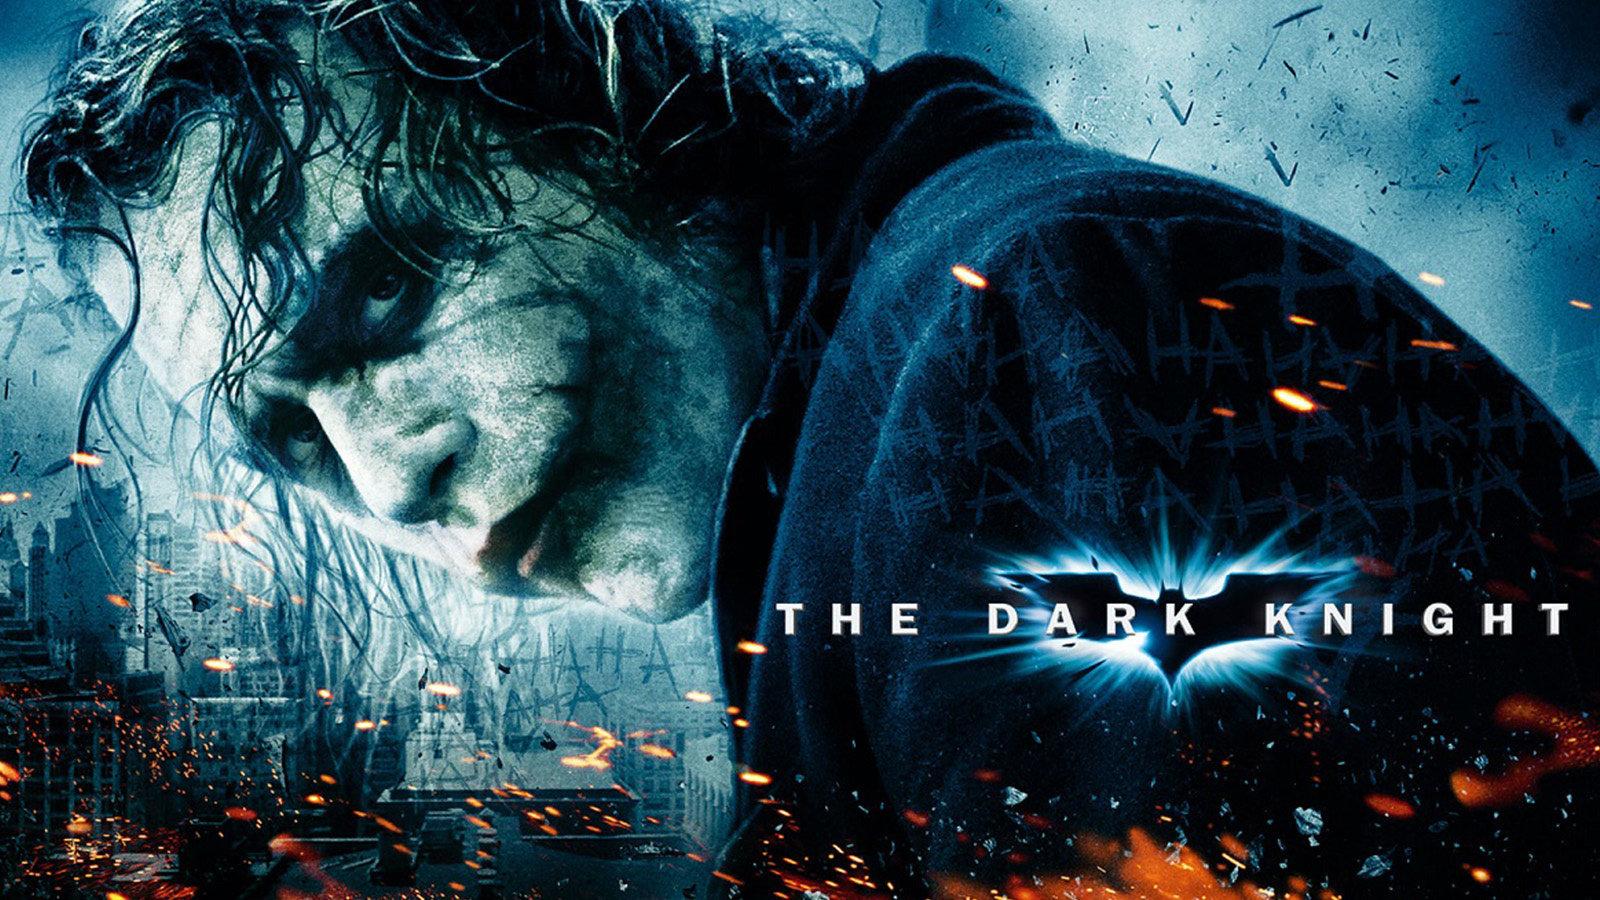 1分钟短片纪念《蝙蝠侠:黑暗骑士》上映十周年